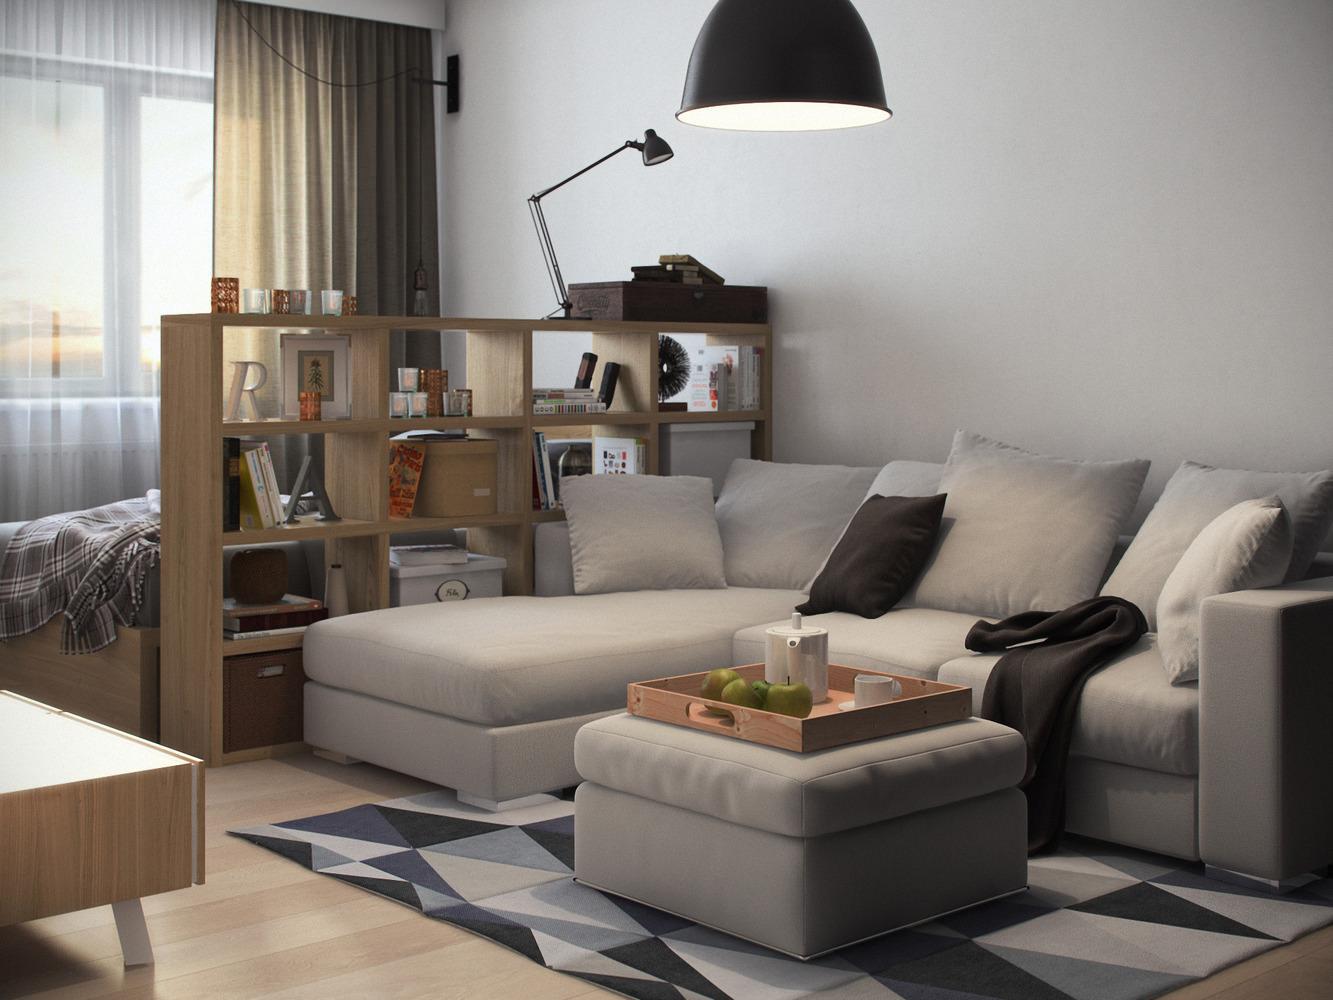 Однокомнатной квартиры дизайн 20